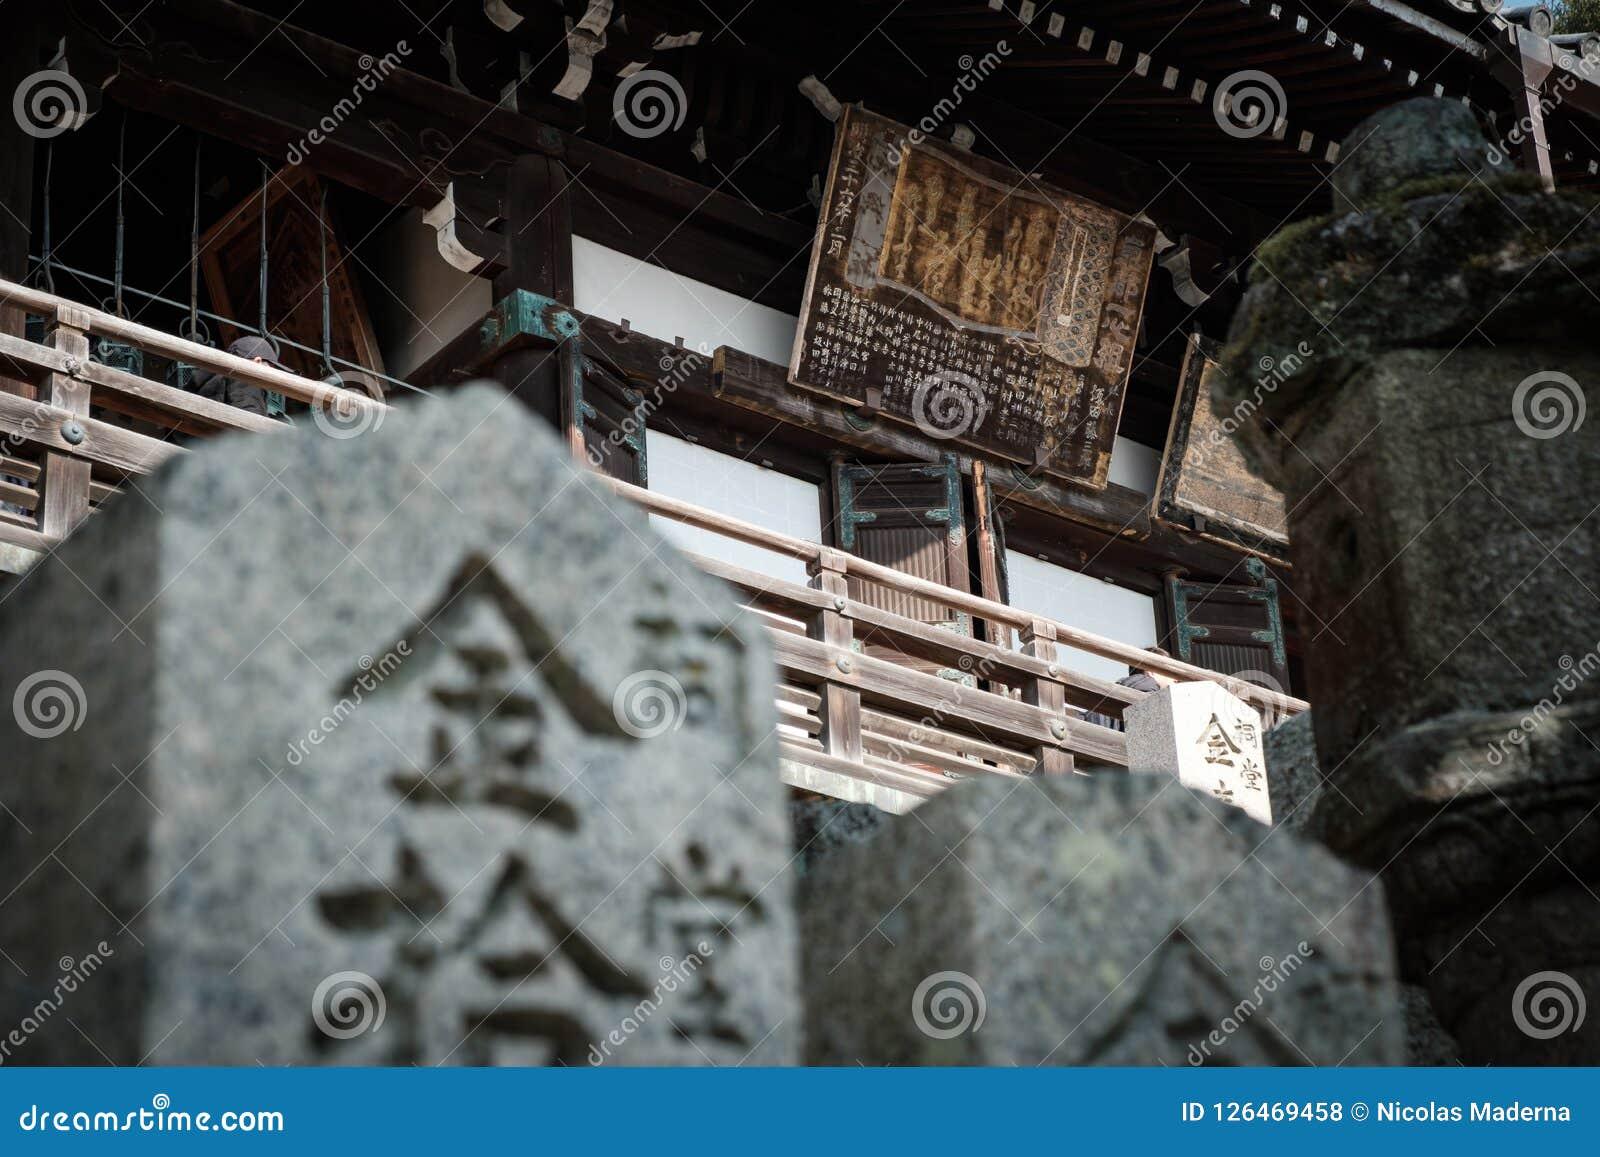 NARA, JAPÃO - 30 DE JANEIRO DE 2018: Sinal e túmulos no templo de Nara